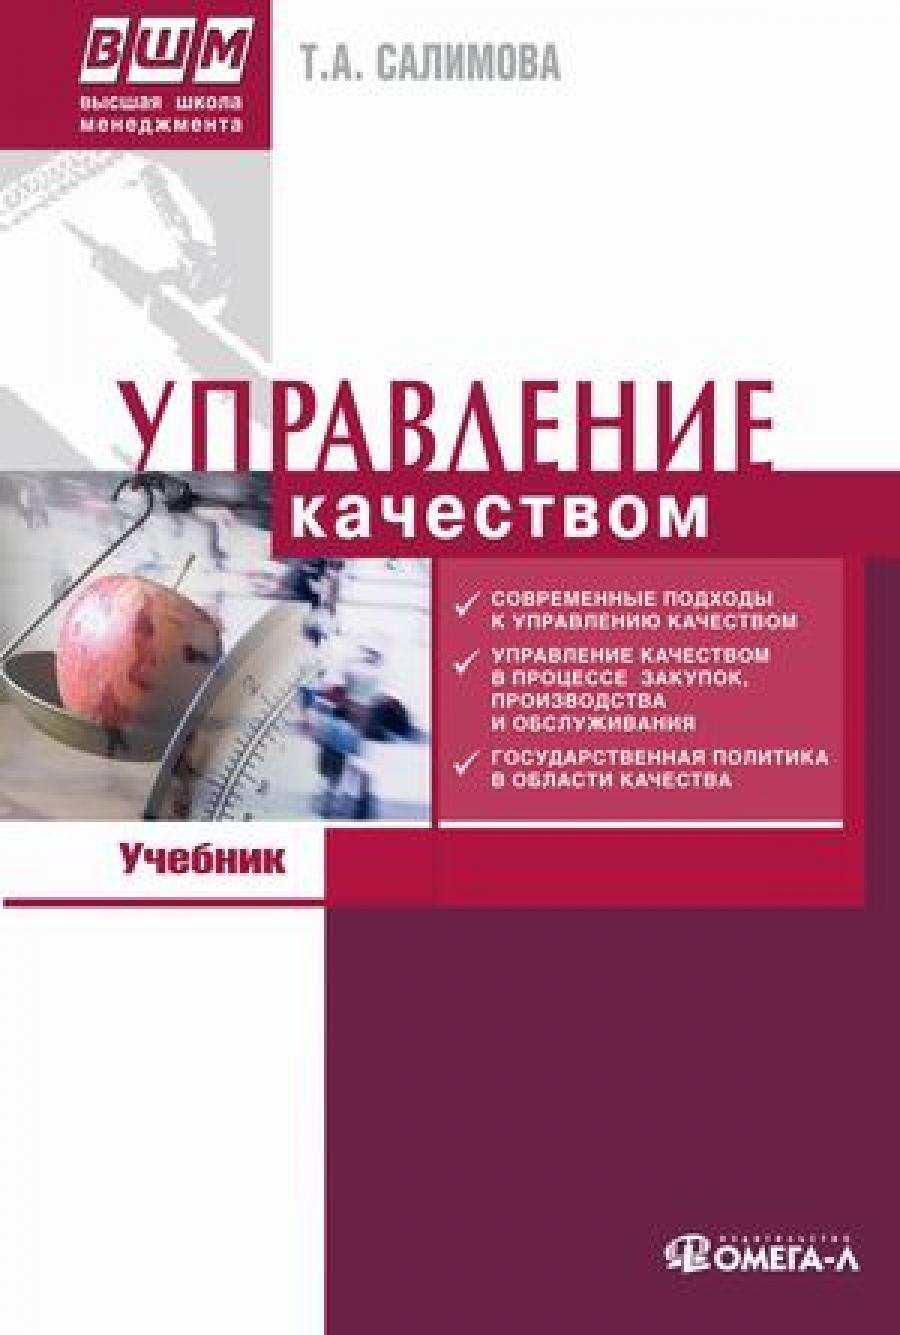 Обложка книги:  салимова т.а. - управление качеством